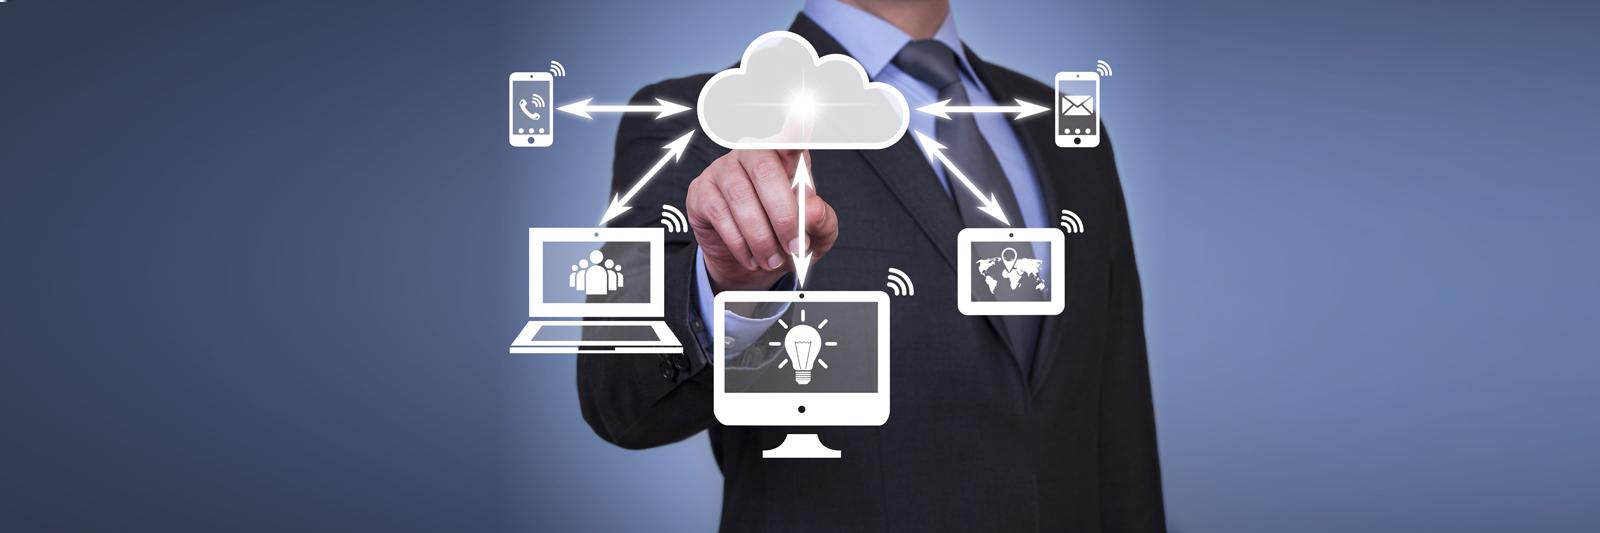 bigstock-Pushing-cloud-computing-button-83855366